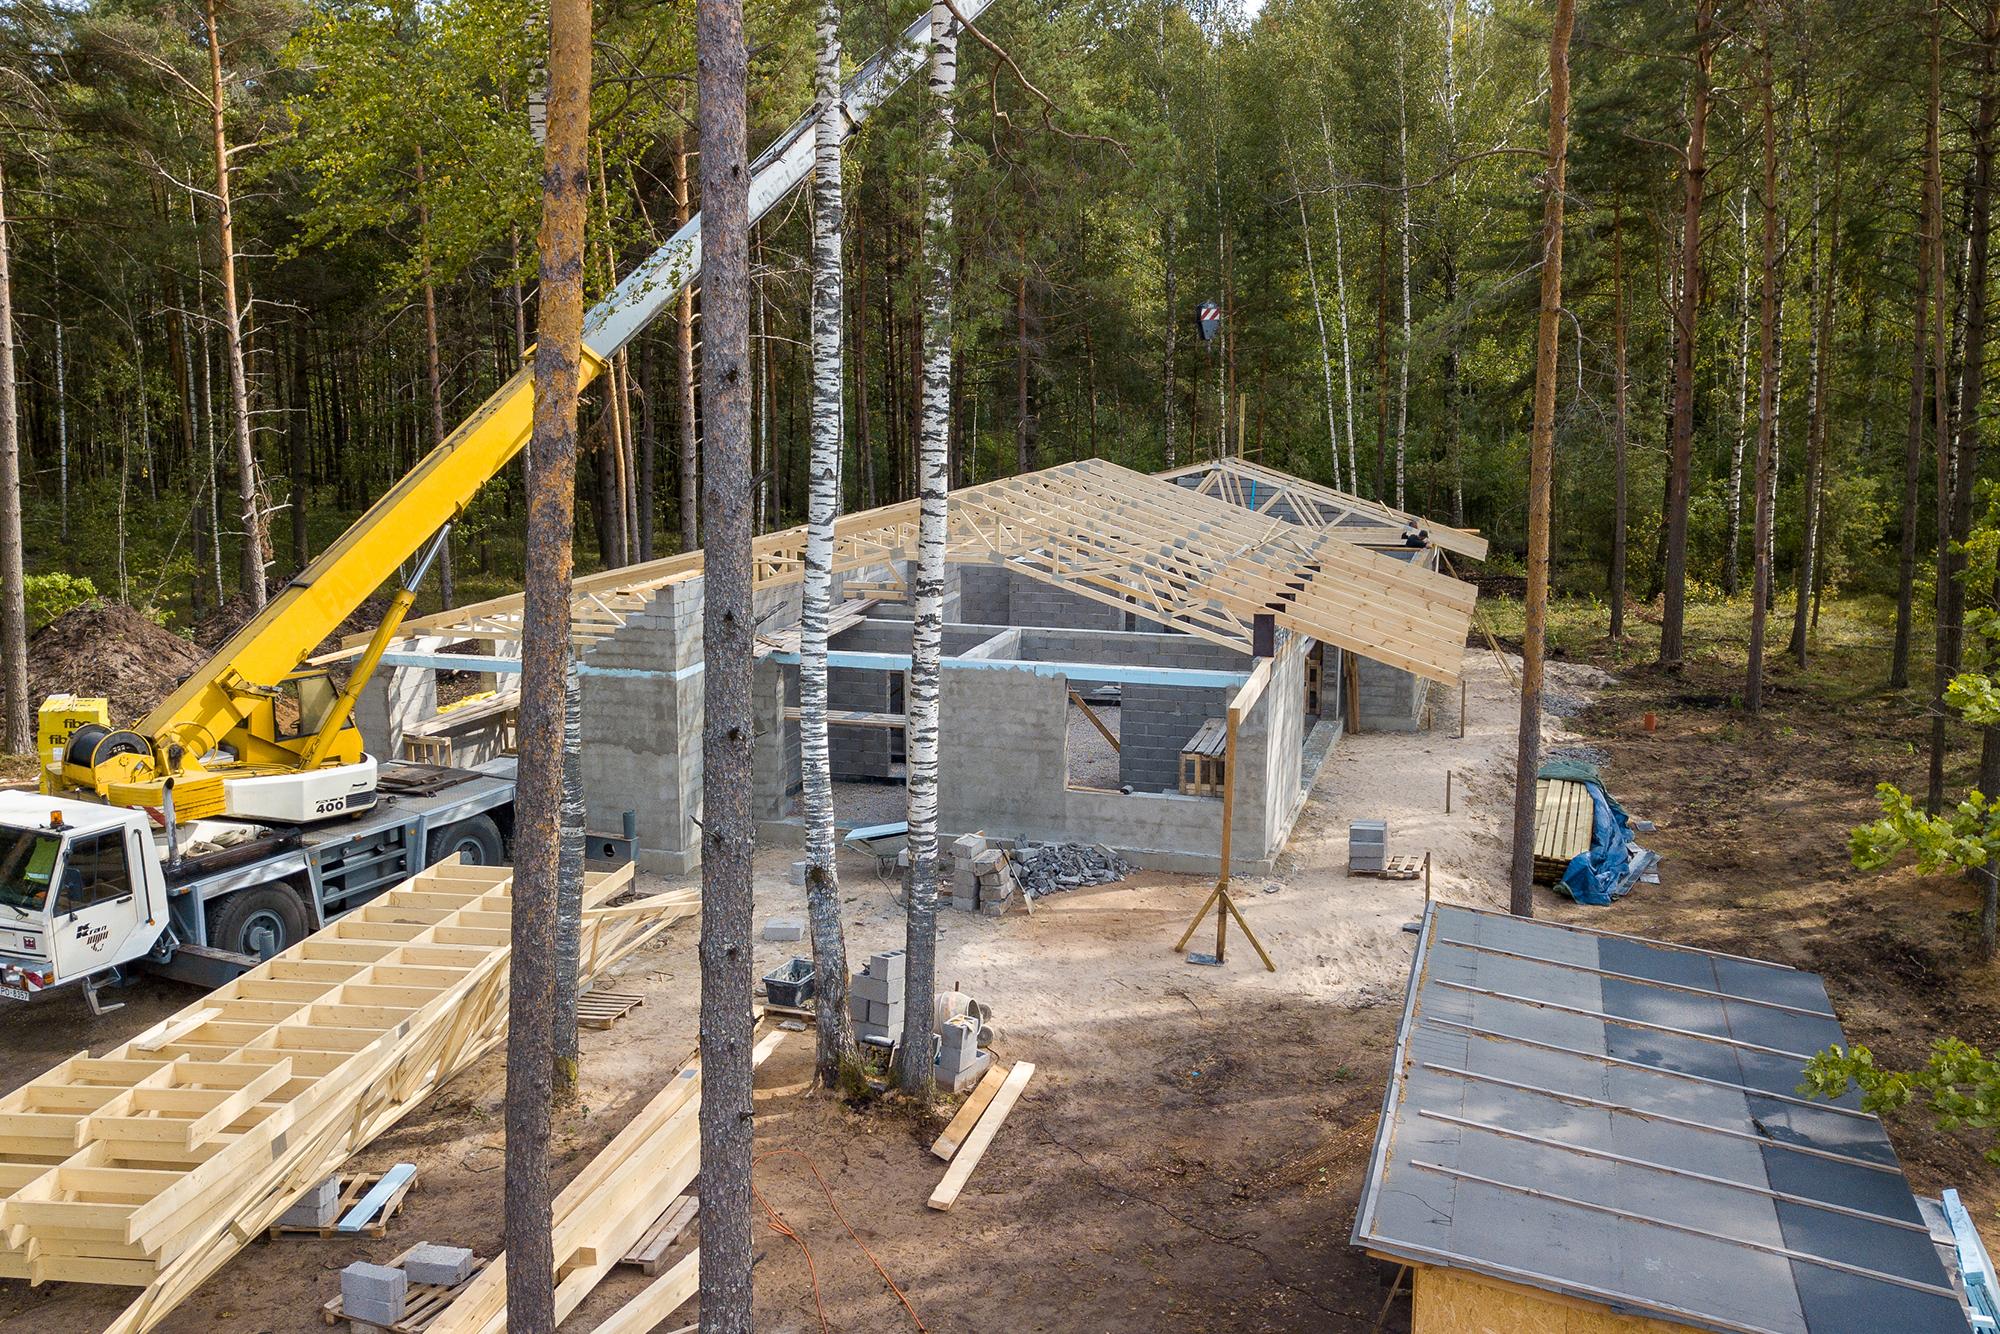 jumta konstrukcija no koka kopnēm